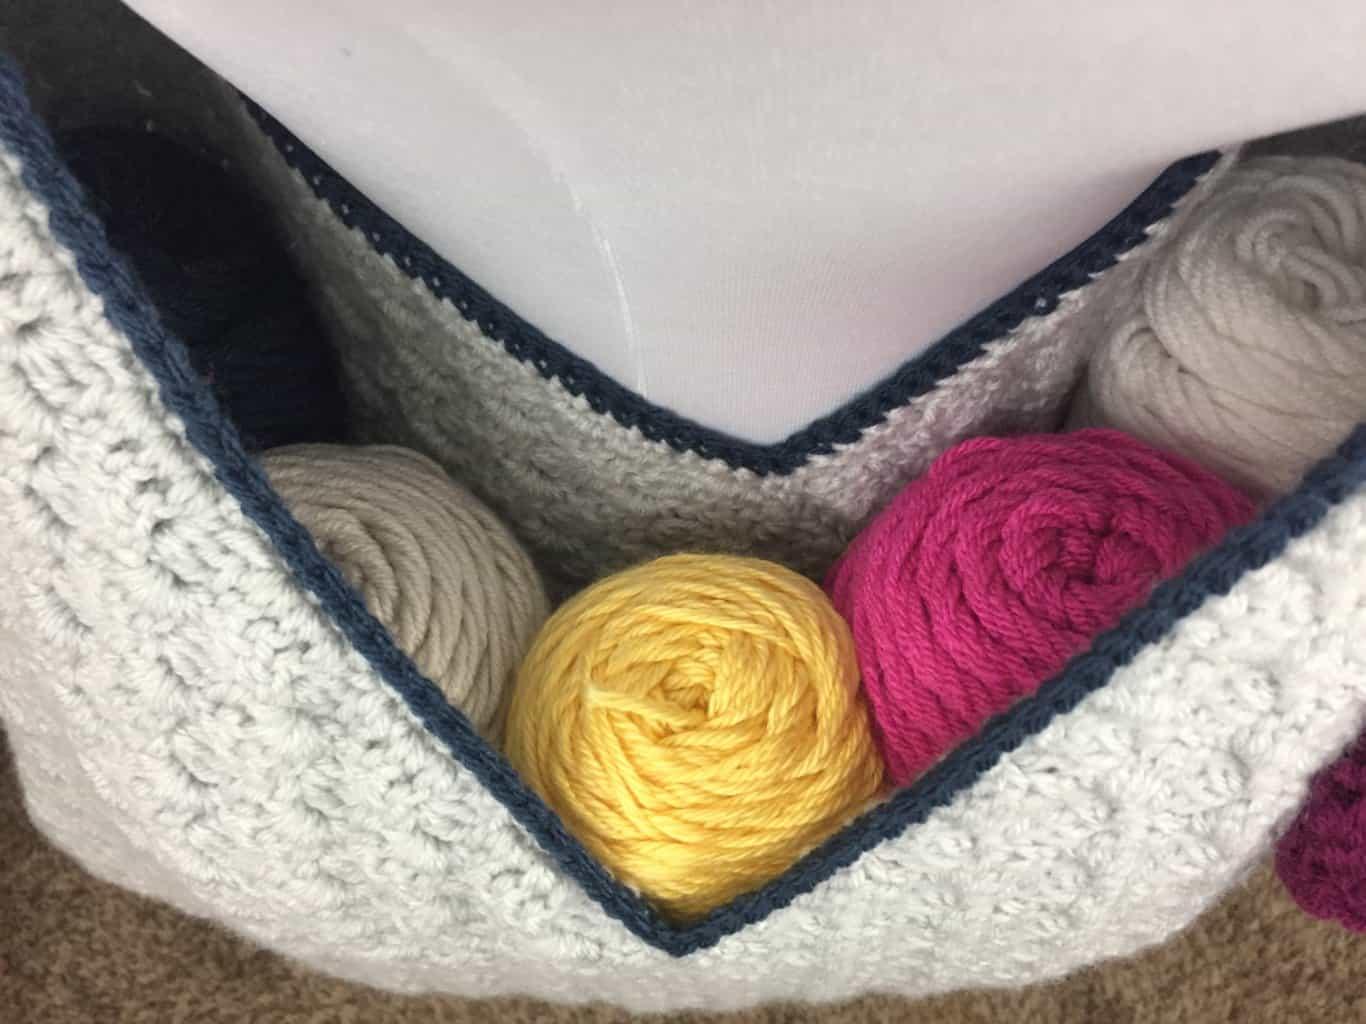 Crochet WIP Bag (Work In Progress) Using Corner to Corner